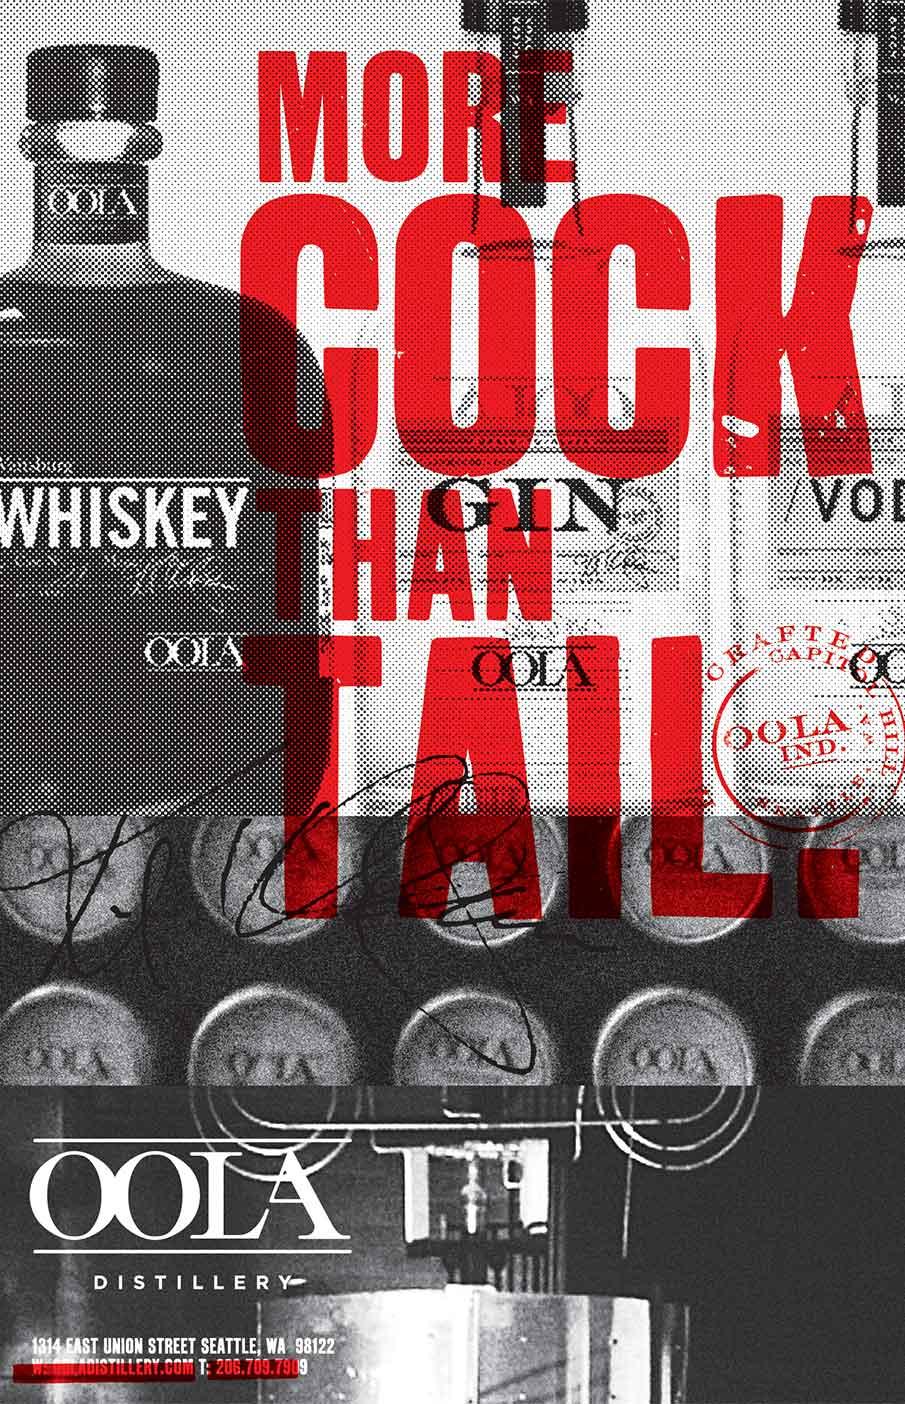 oola_poster_cock.jpg